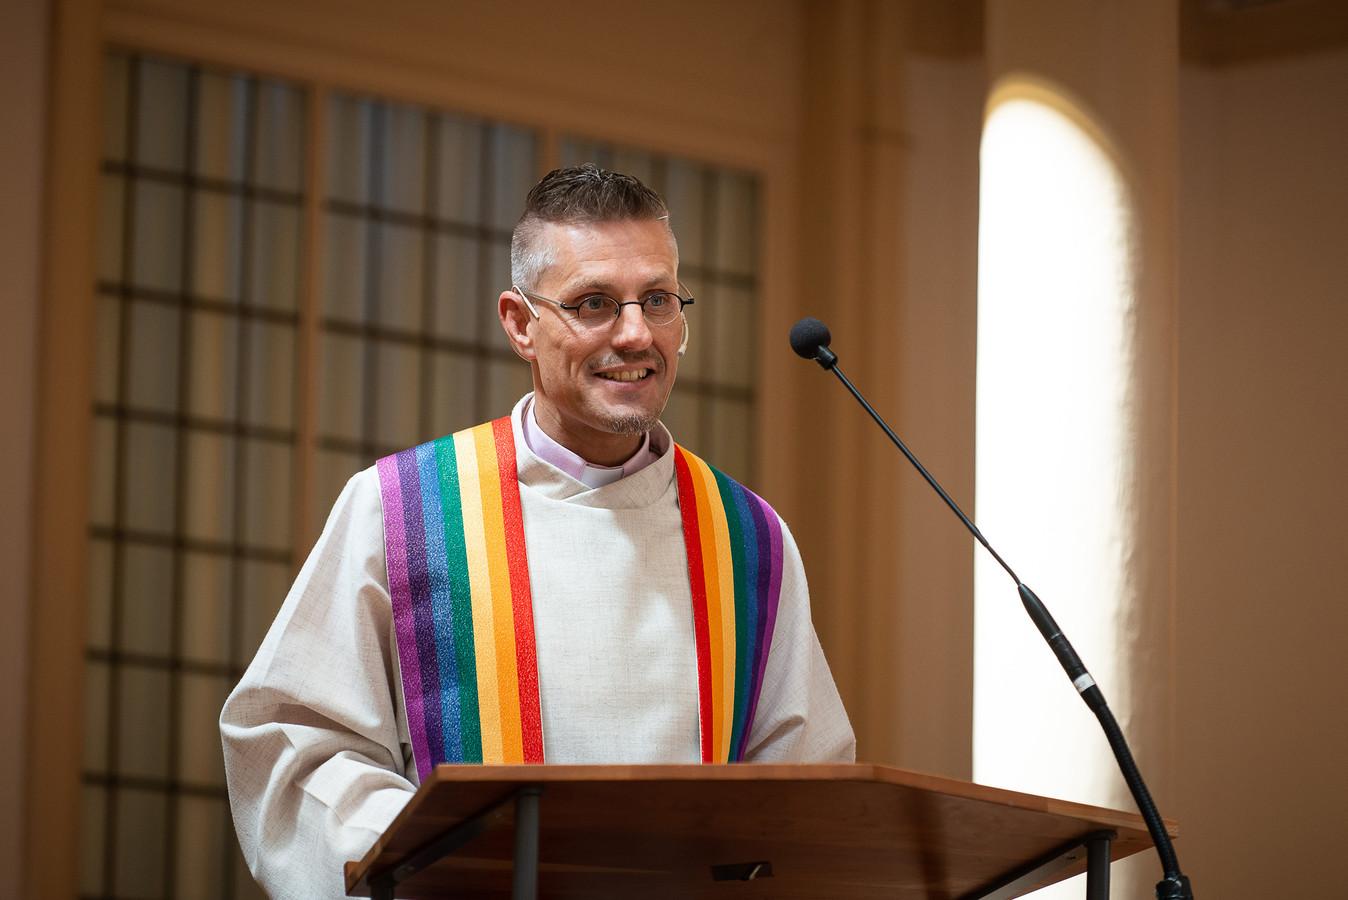 LHBTI-predikant Wielie Elhorst loopt dit weekend samen met twintig anderen voor het eerst de Pride Pelgrimage.